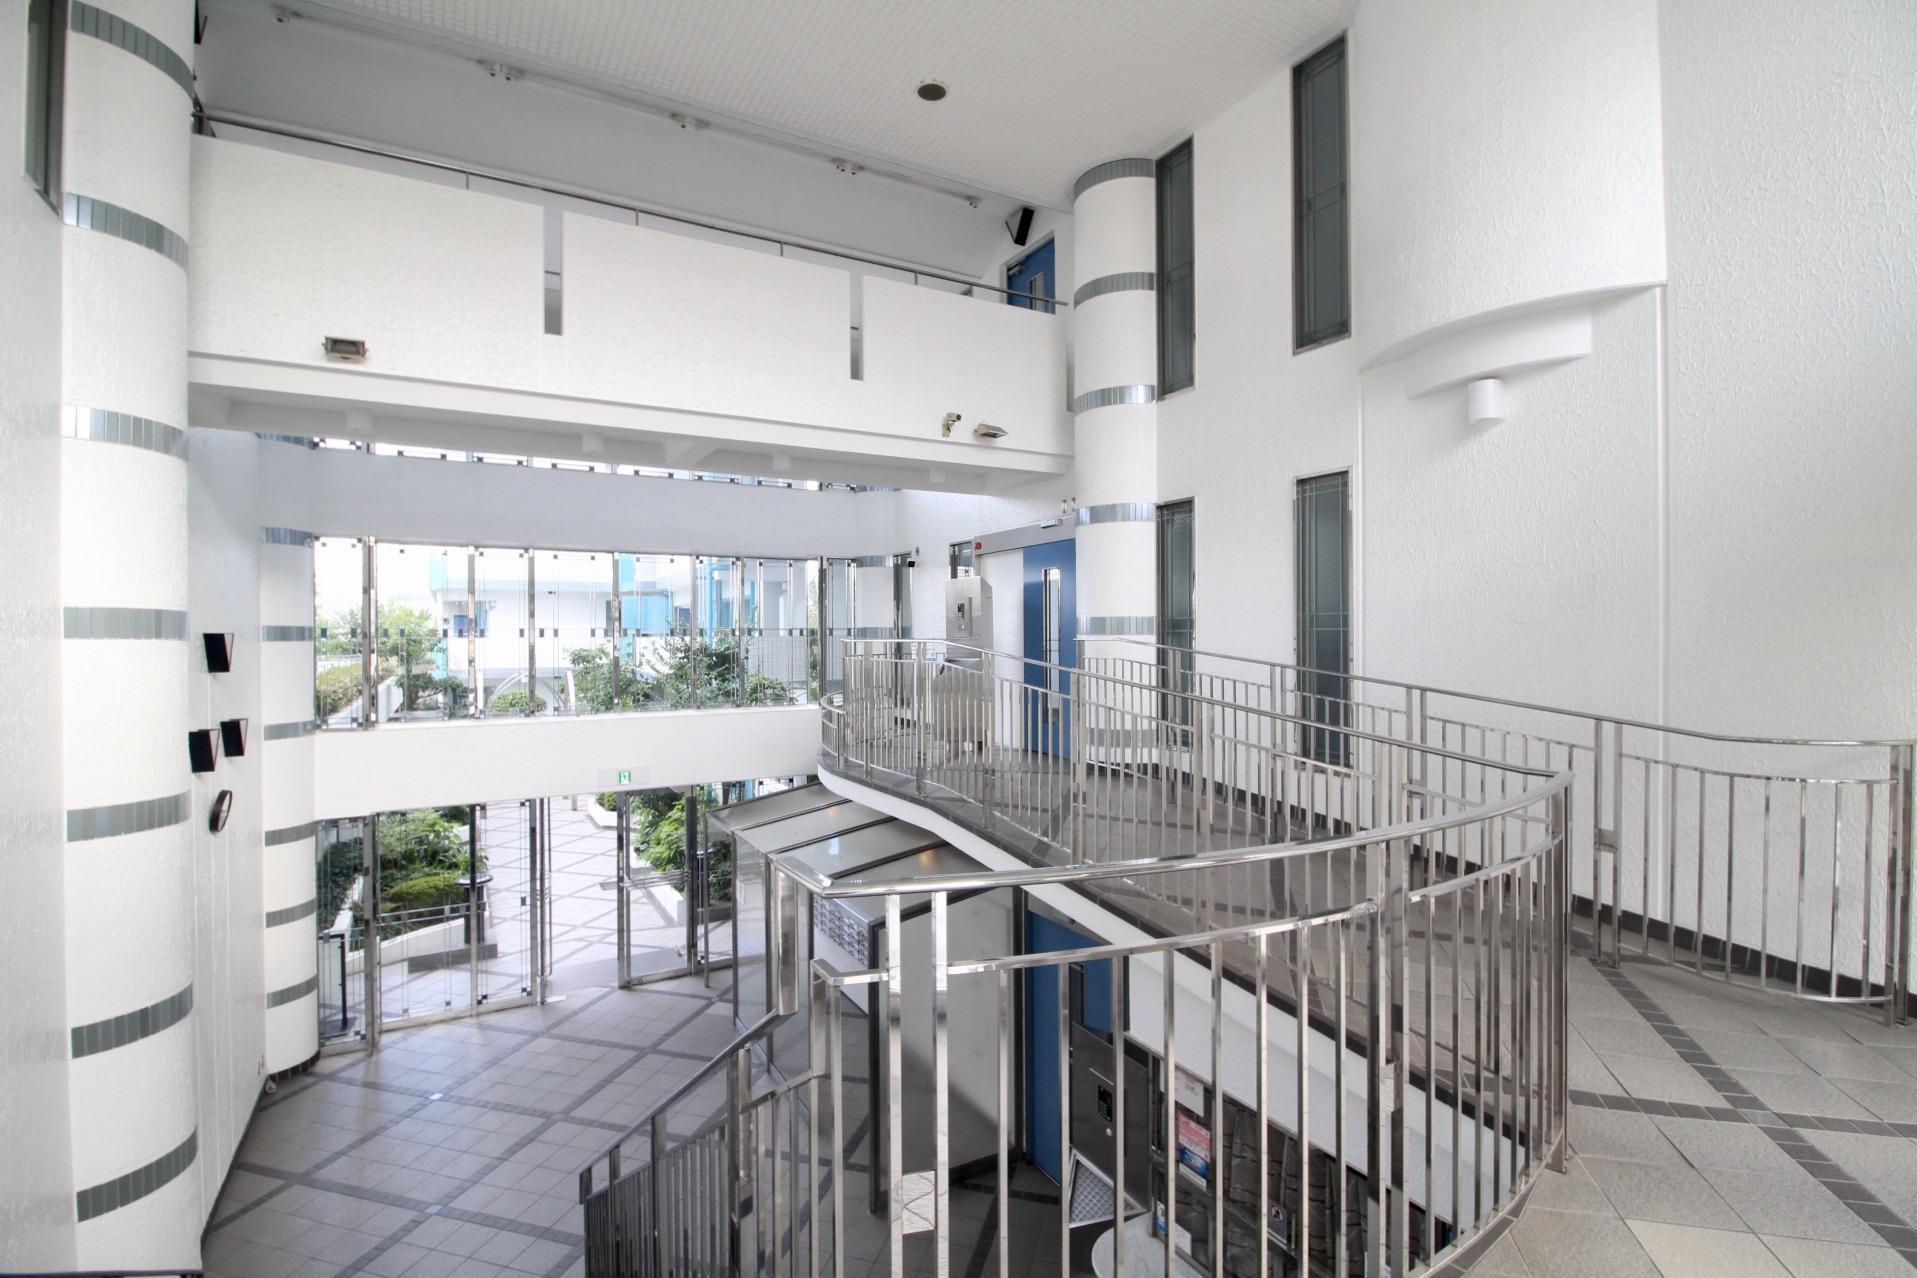 天井が高く広い共用エントランスはオートロック完備